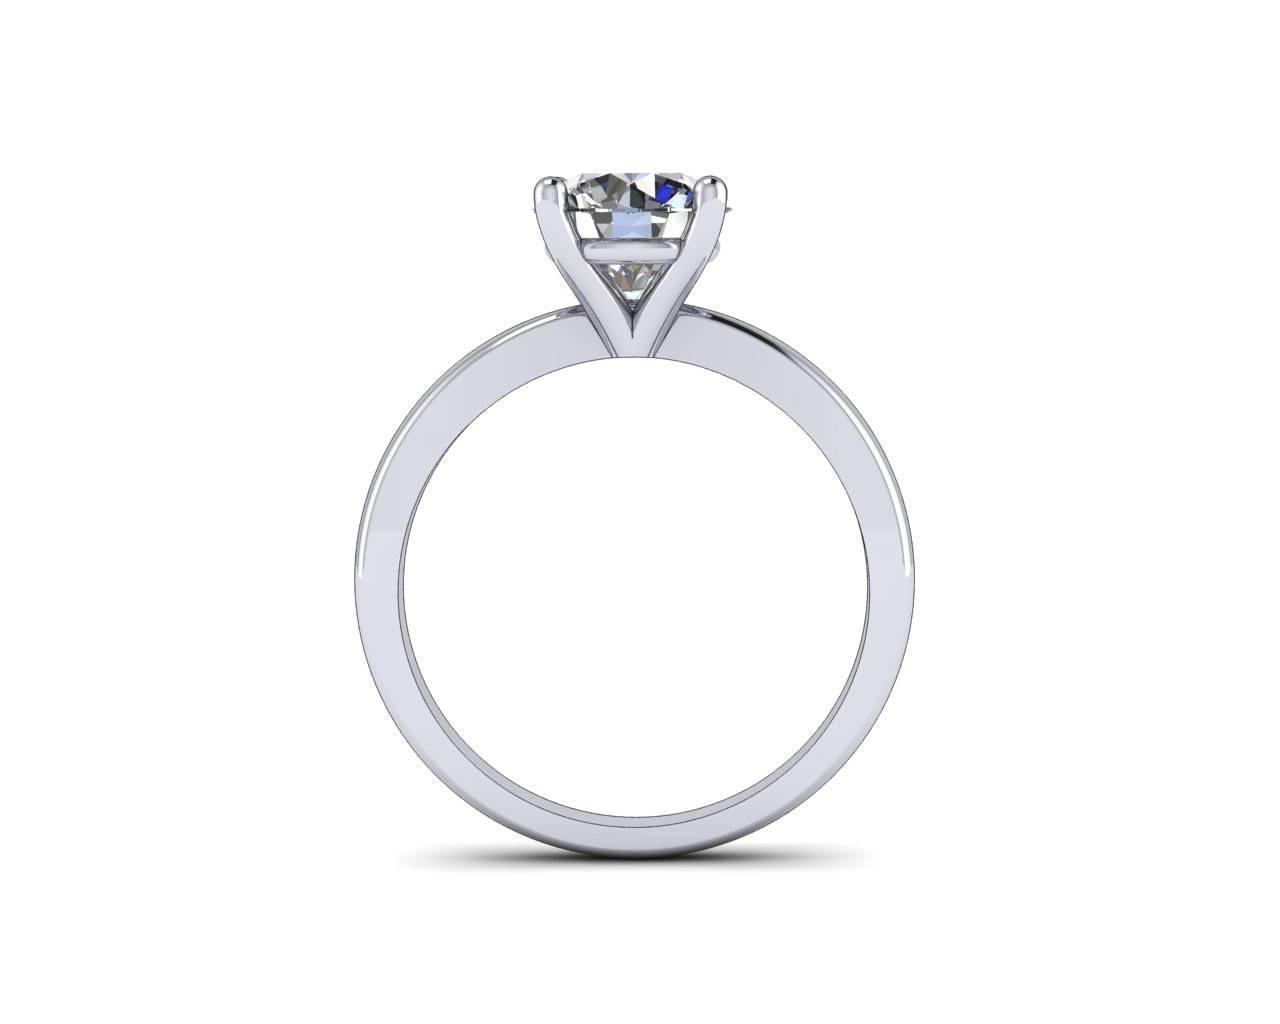 Aayraa jewels - Juwelen - House of Weddings - 14